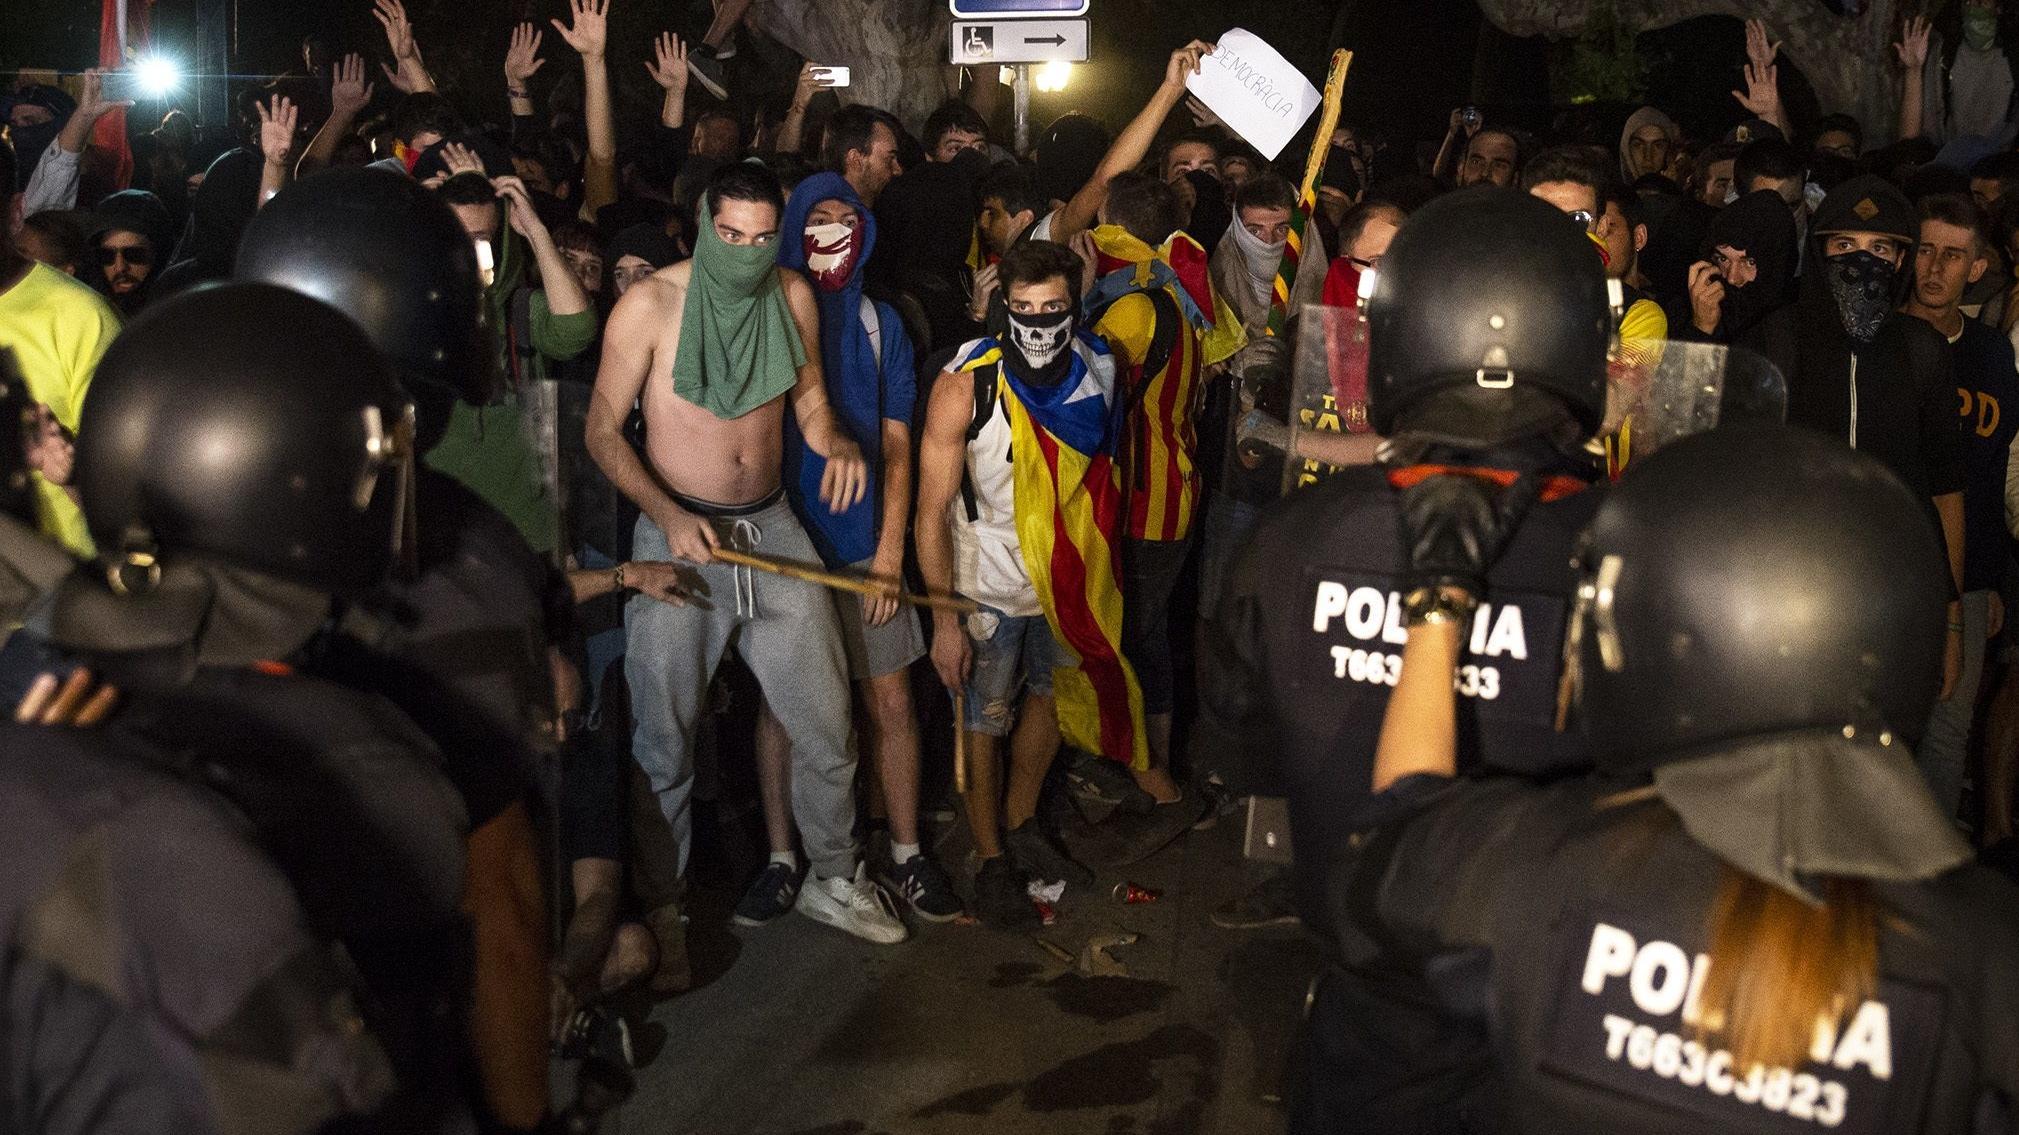 Radikale Demonstranten in Barcelona